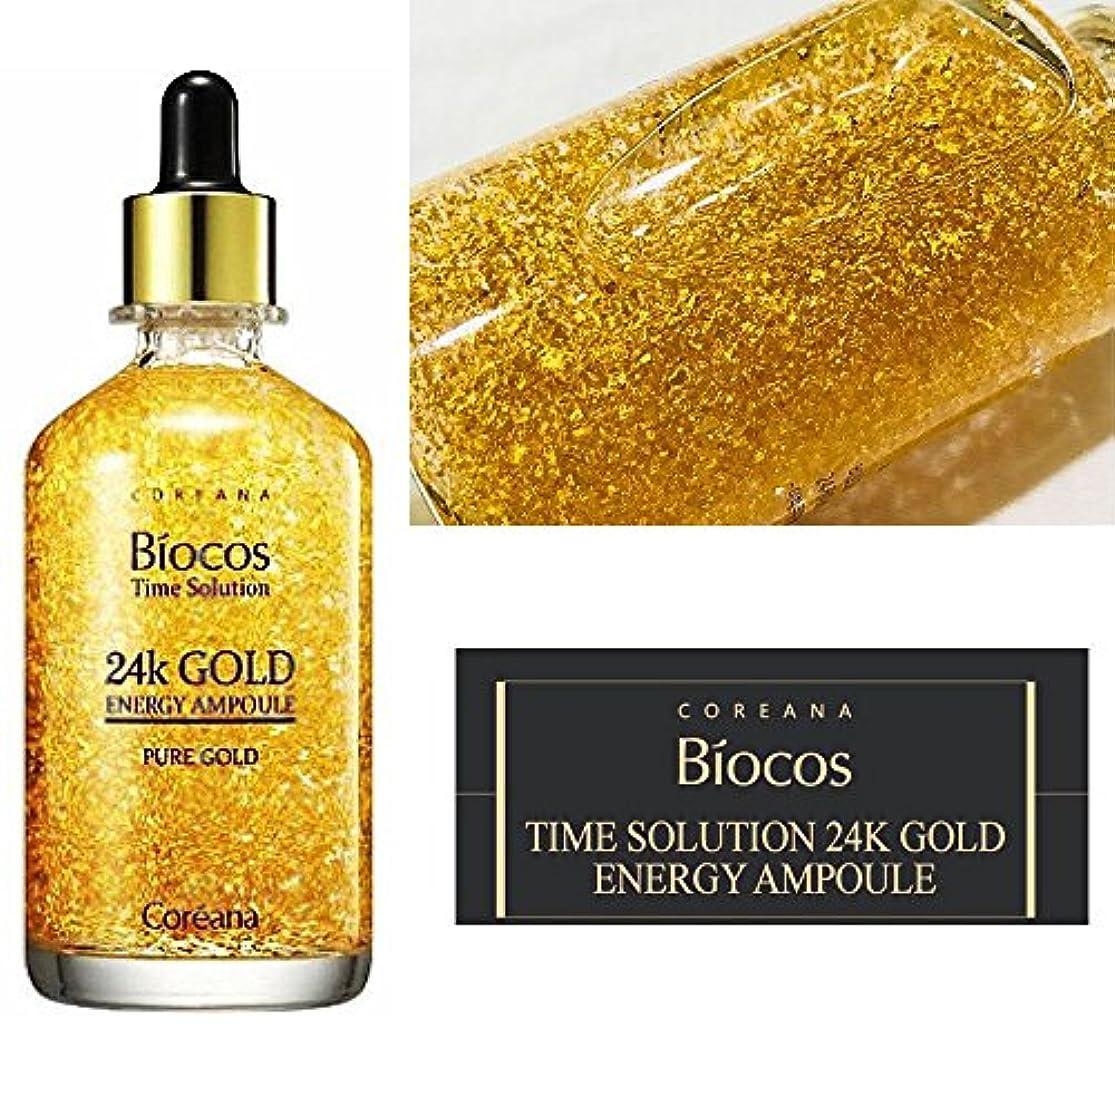 見えないポインタ後退する[COREANA] Biocos Time Solution 24kゴールドエナジーアンプル100ml/[COREANA] Biocos Time Solution 24K Gold Energy Ampoule - 100ml